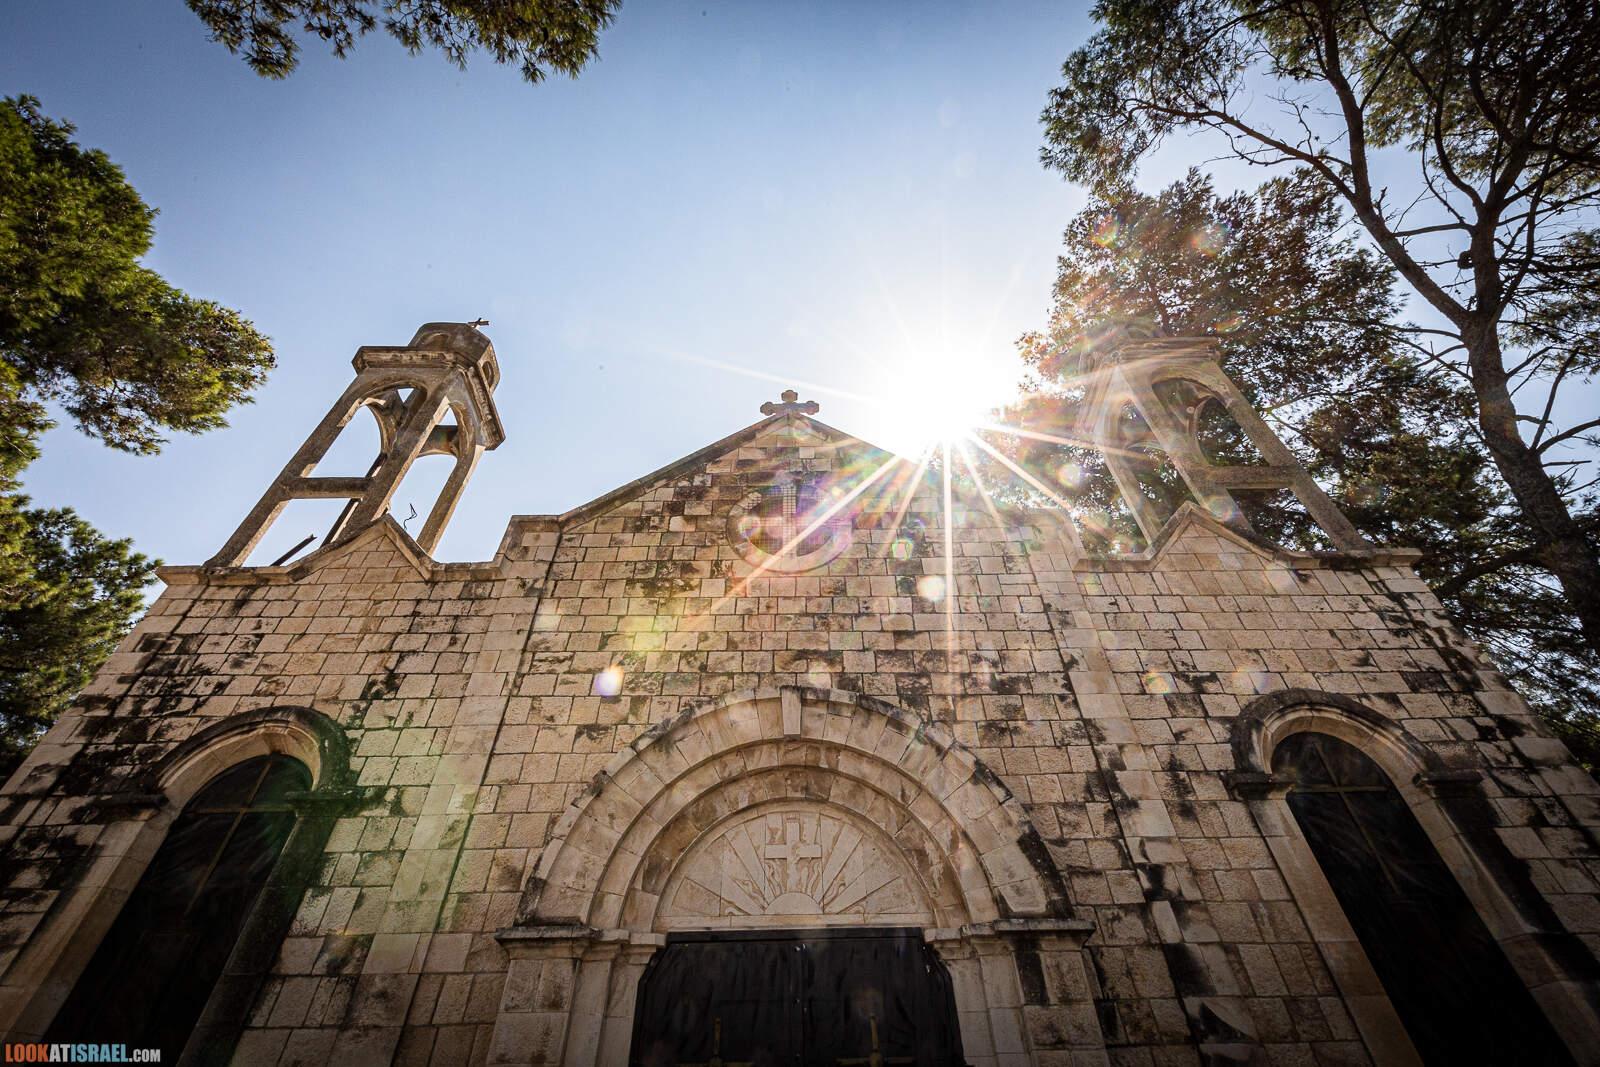 Путешествие по Галилее - Вкусный хумус, древние оливы, пивоварня Галиль, гора Хазон, источники ручья Мирон, лошадиная ферма, долина Нетуфа